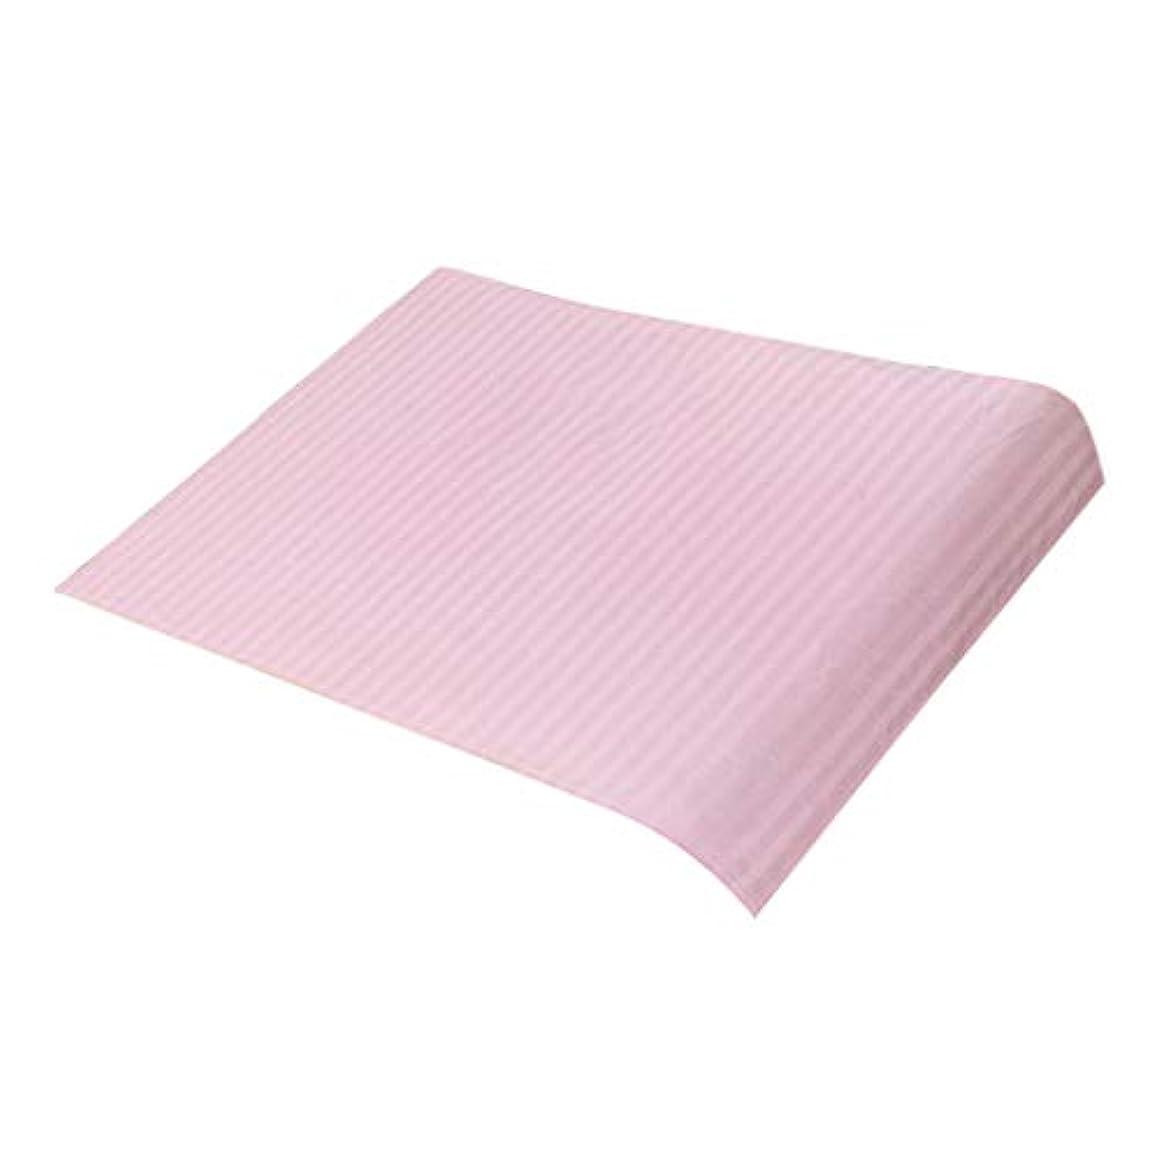 北米ズボン冒険マッサージベッドカバー 美容ベッドカバー スパ マッサージテーブルスカート 綿素材 断面デザイン - ピンク